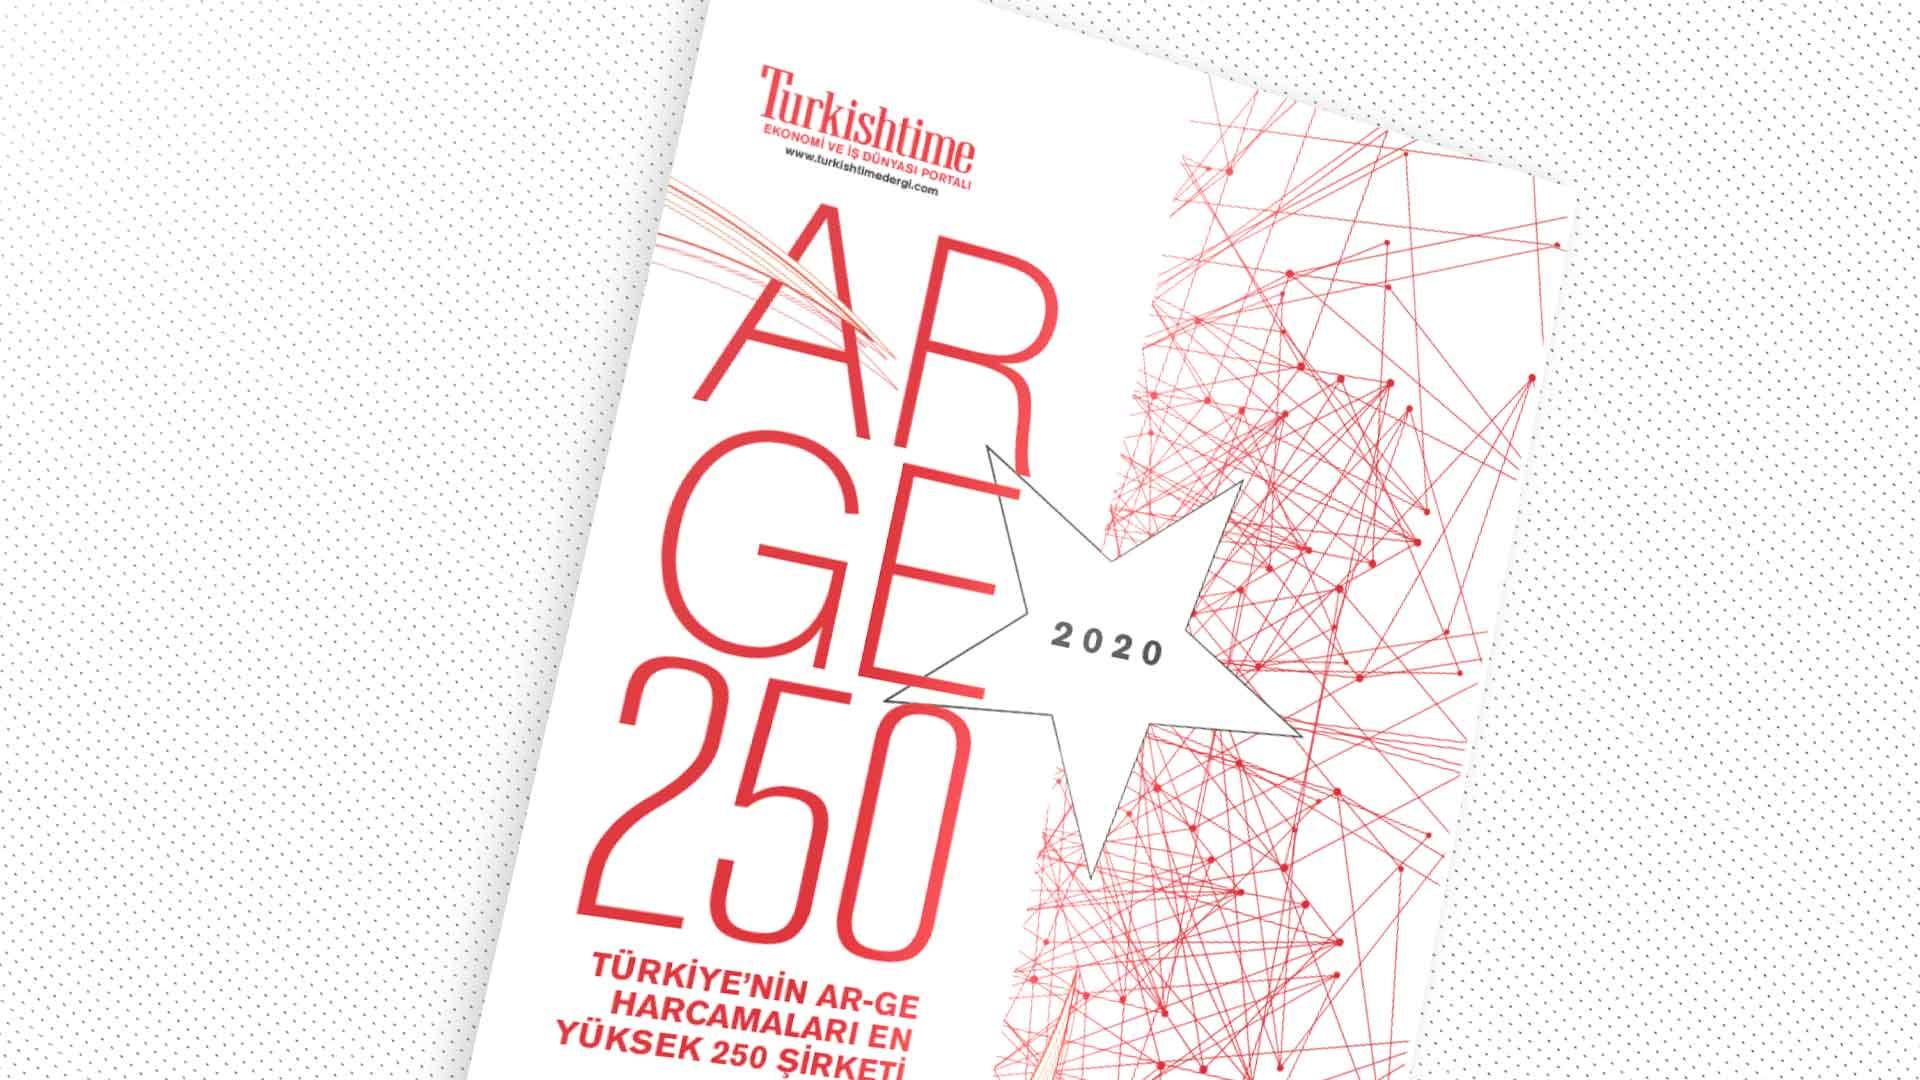 ASTOR Astor, Türkiye'nin En Çok Ar-Ge Harcaması Yapan Şirketleri araştırmasına göre 2020 yılında bir önceki yıla göre altı basamak ilerleyerek 48. sırada yerini almıştır.